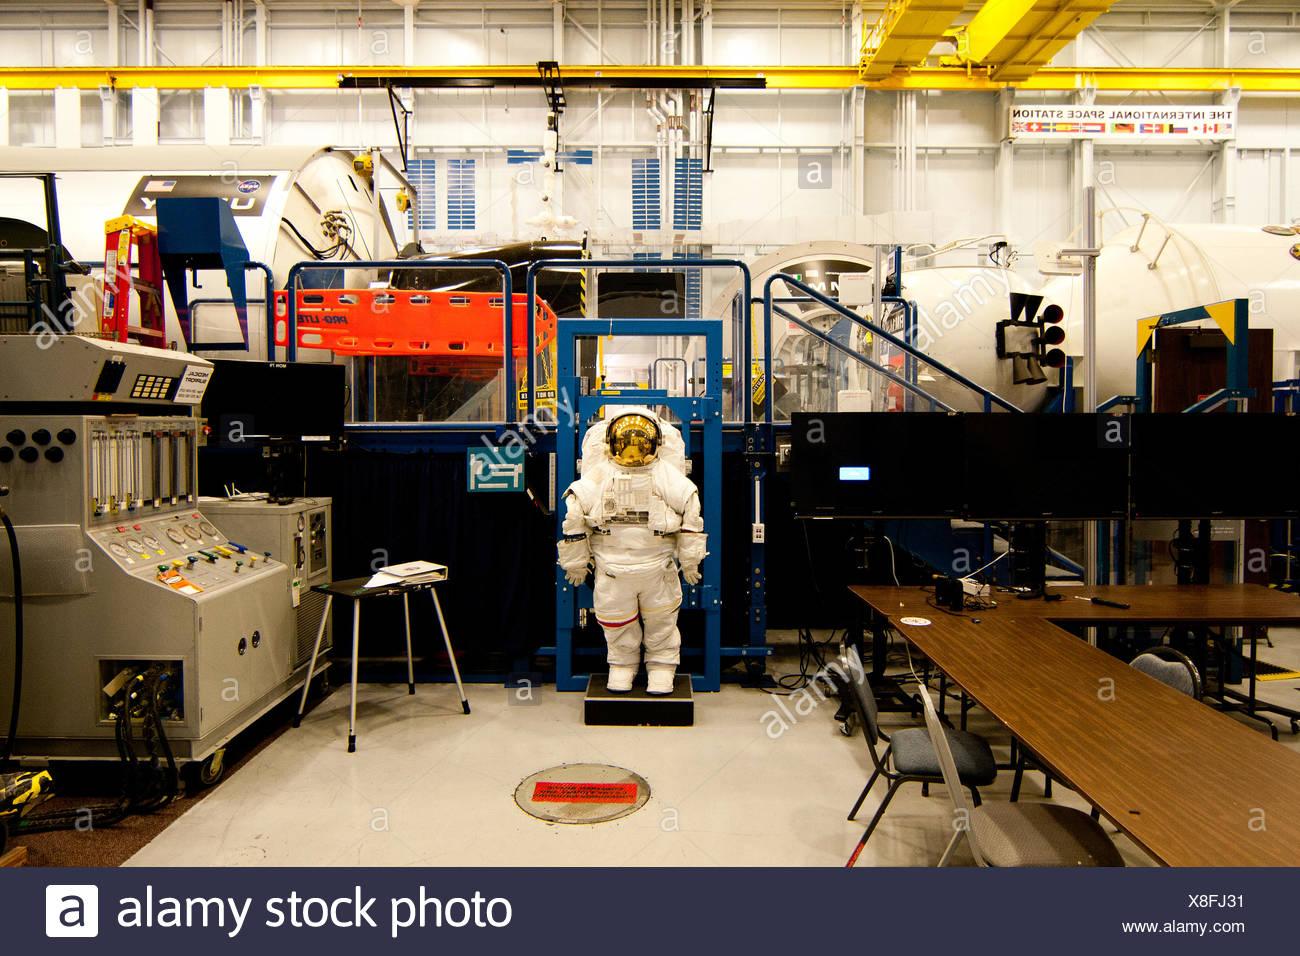 NASA Space vehicle mockup facility - Stock Image